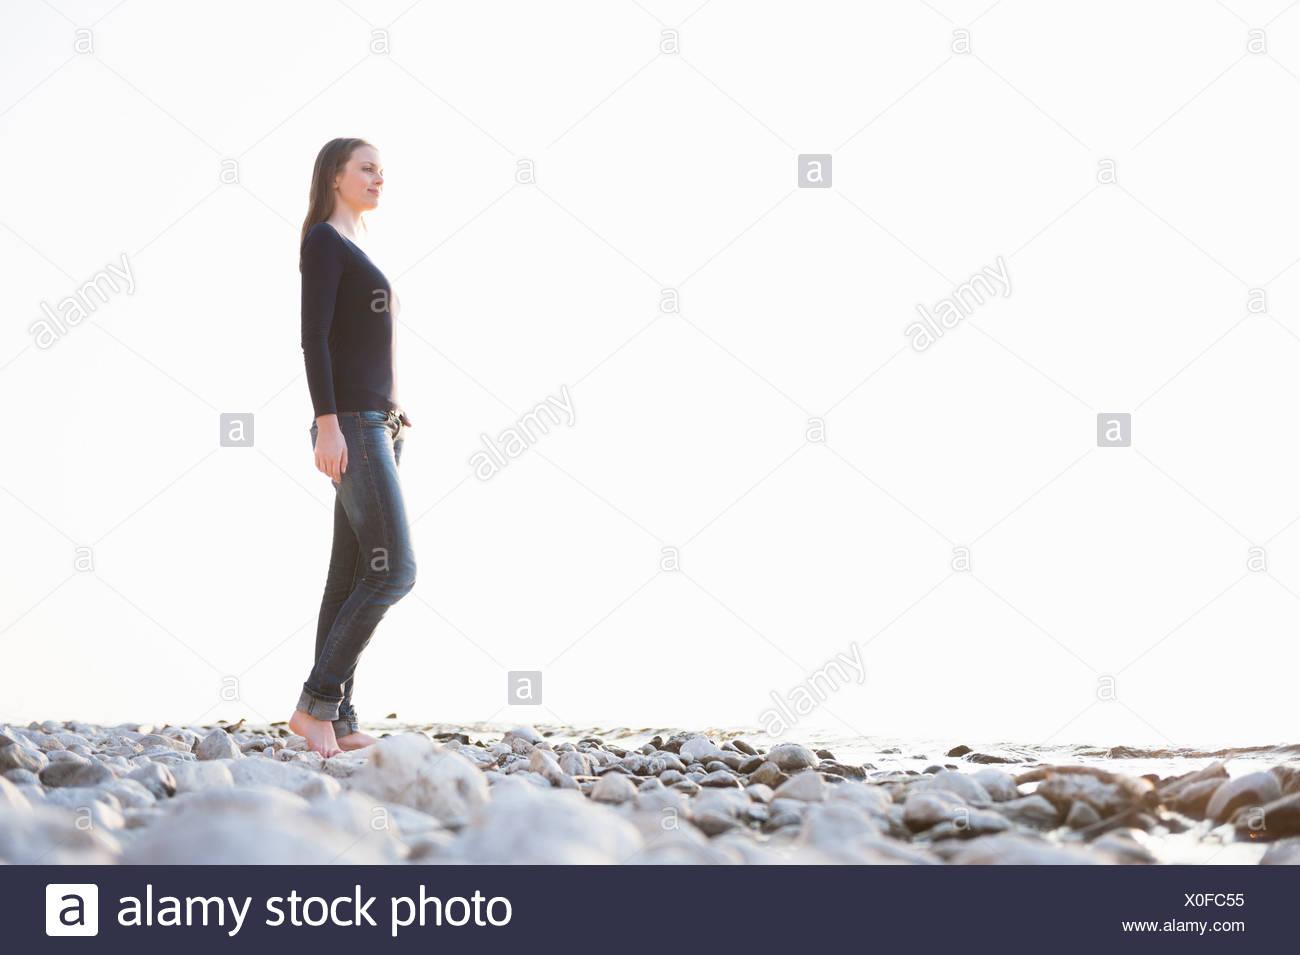 Junge Frau Spaziergang an der Küste Stockbild